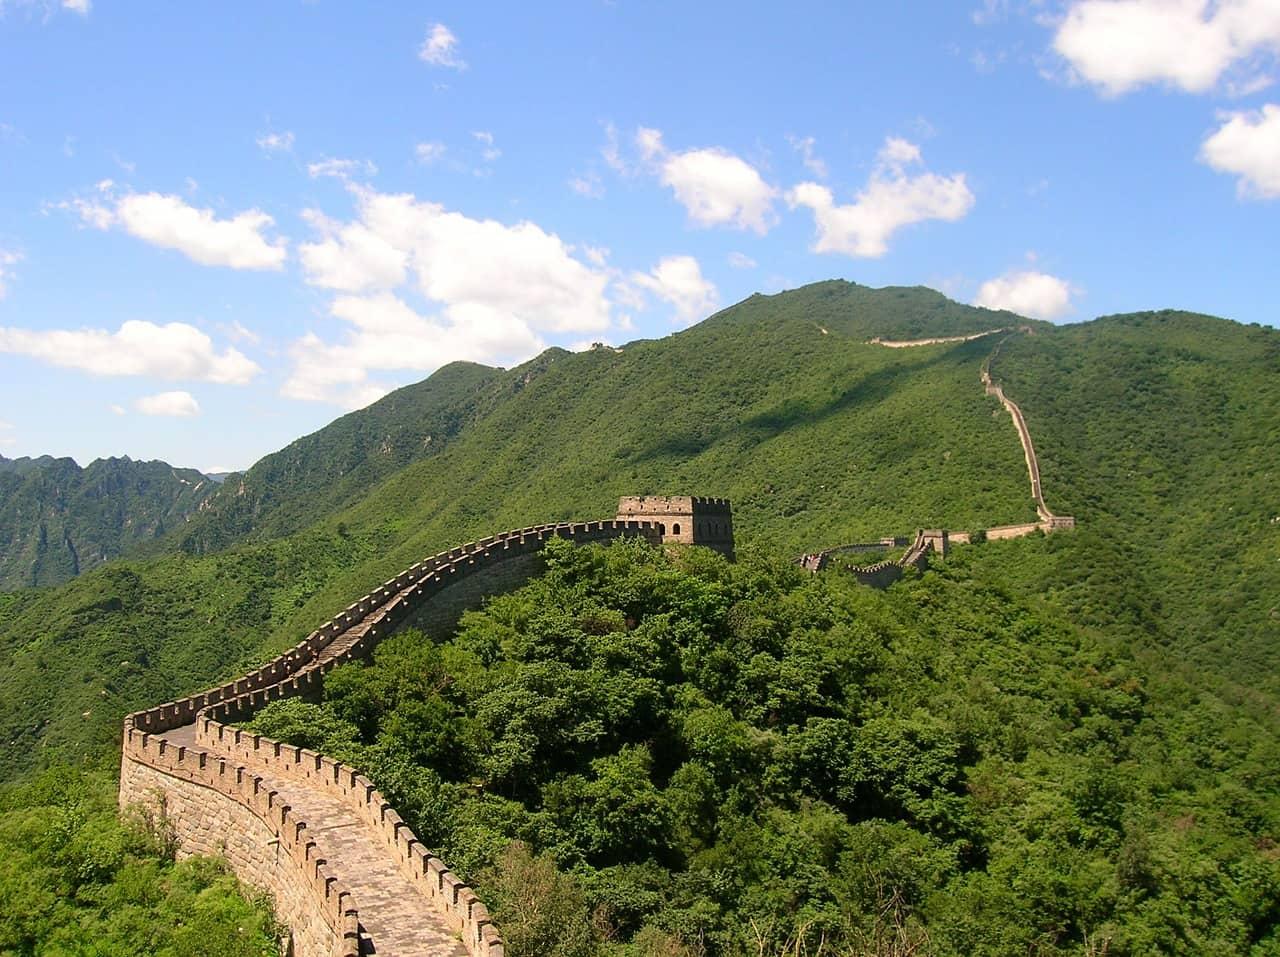 great-wall-of-china-574925_1280-min